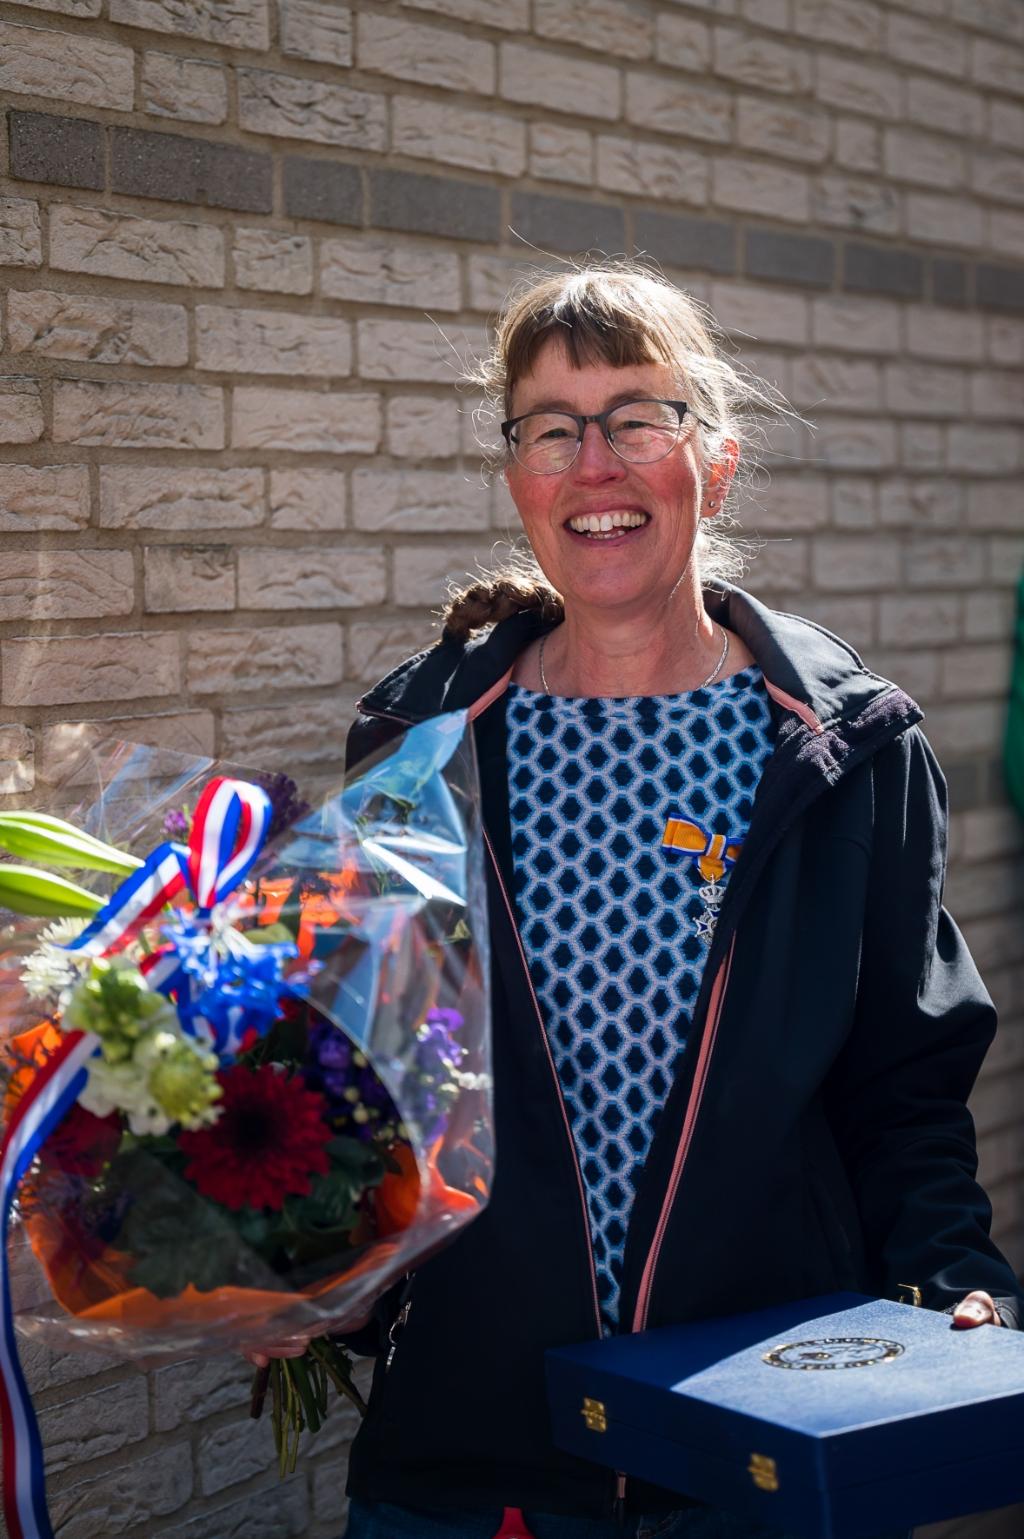 <p>Mevrouw Bos uit Bergschenhoek is al sinds 1983 een actieve vrijwilligster van Stichting Minder Valide Jeugd uit Rotterdam. (Foto: Ariane Kok)</p> Ariane Kok © hartvanlansingerland